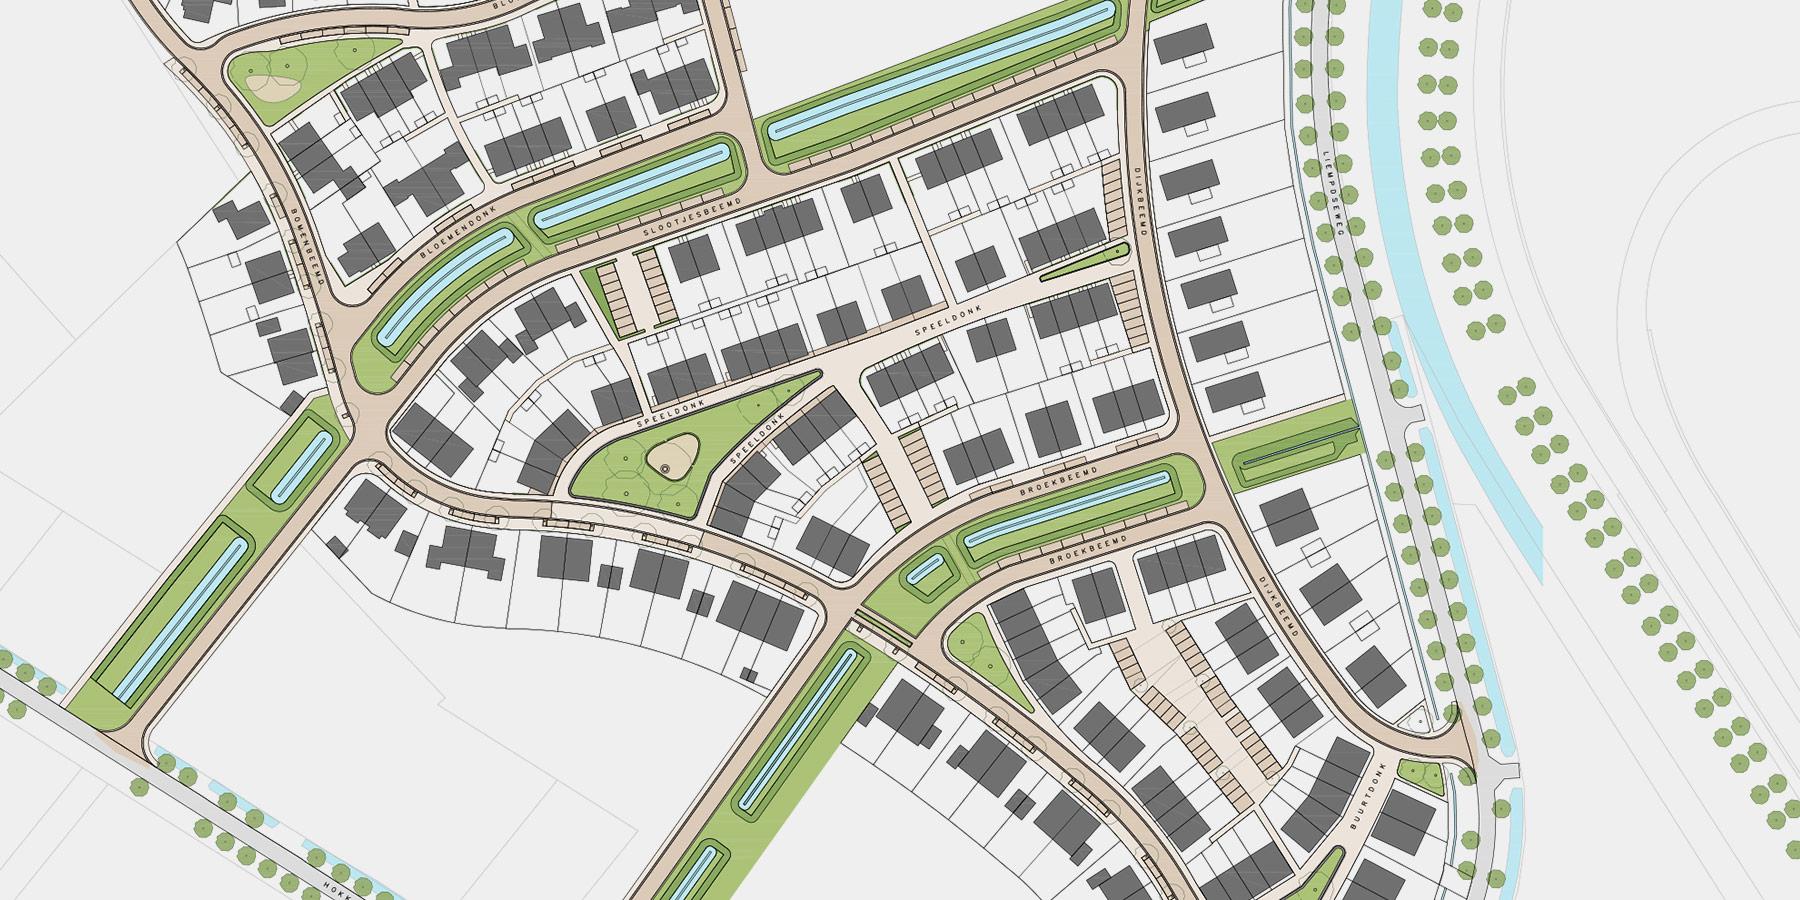 Kero vastgoed duurzaam nieuwbouw particulier woning